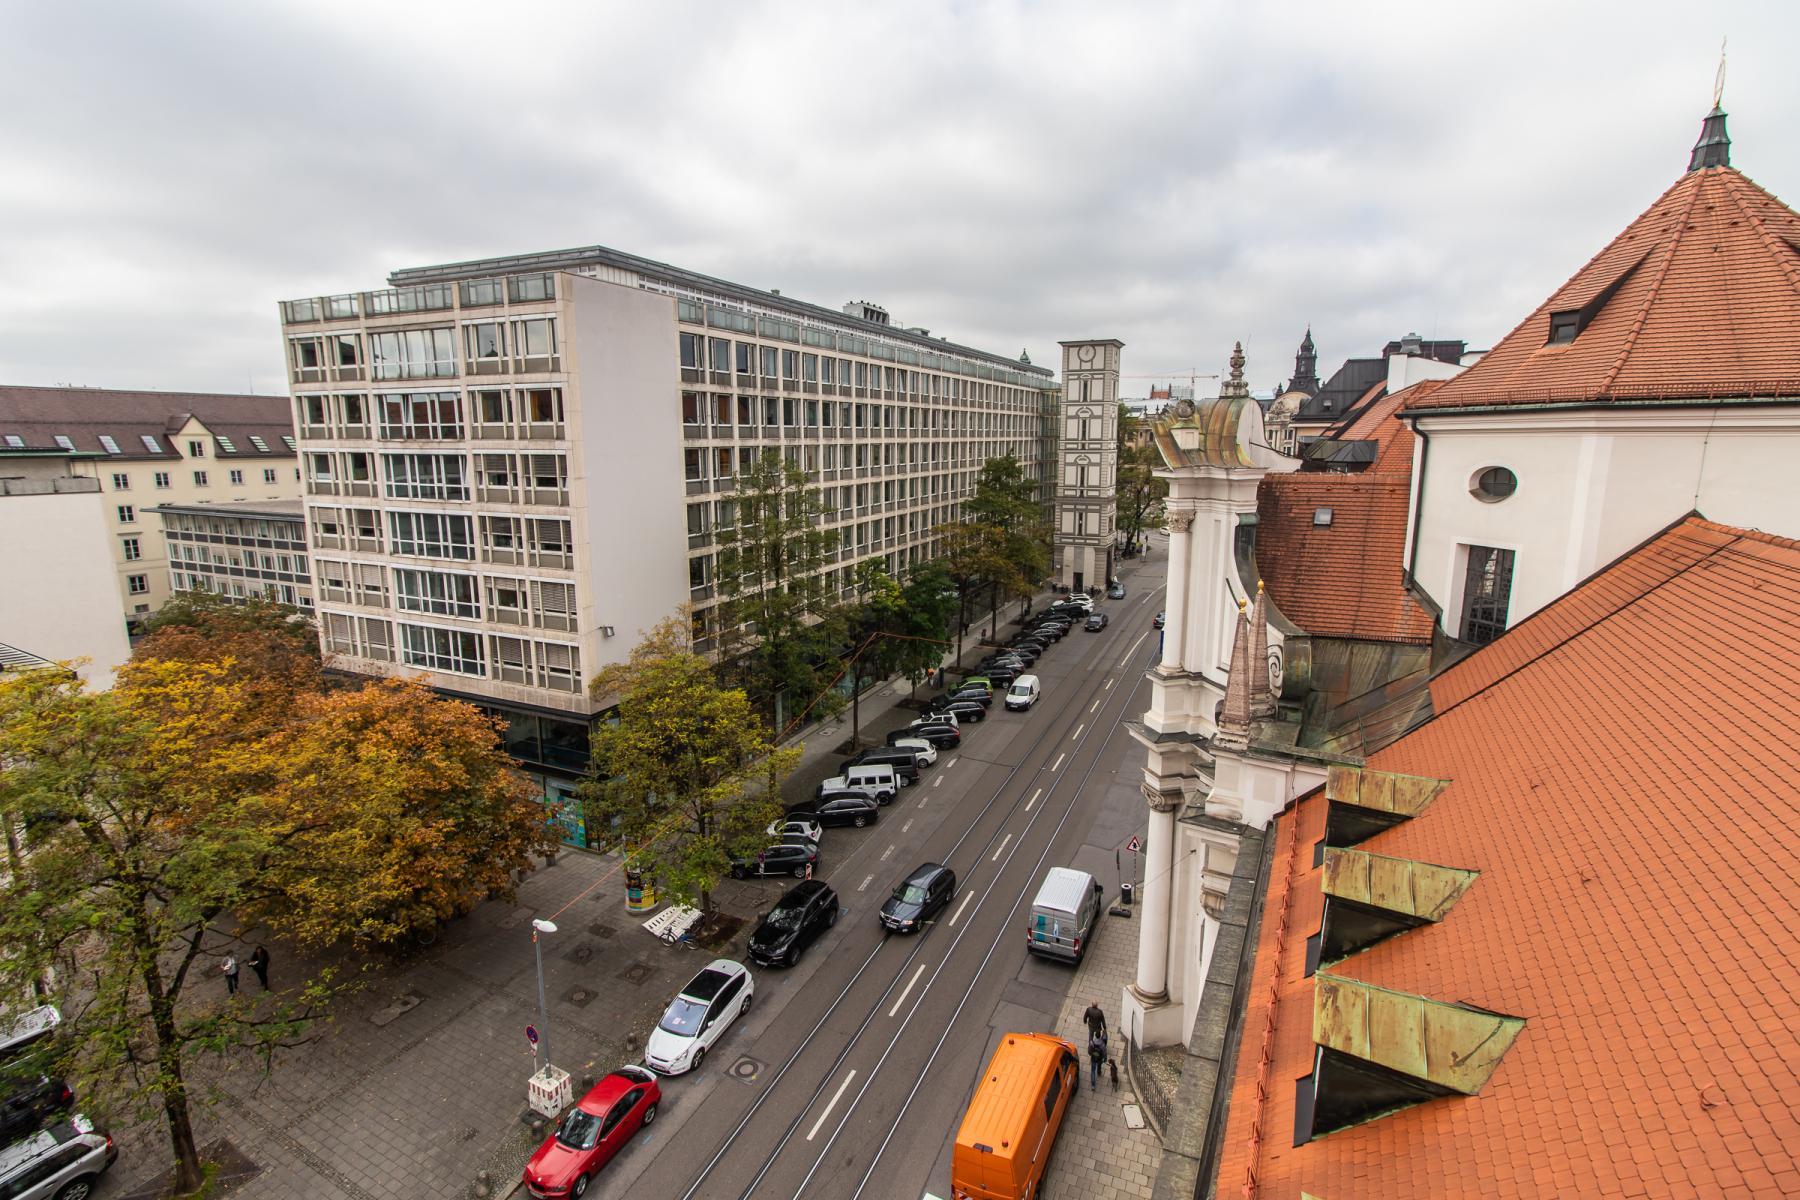 Eindrucksvoller Ausblick des Bürogebäudes in der Pacellistraße in München Altstadt